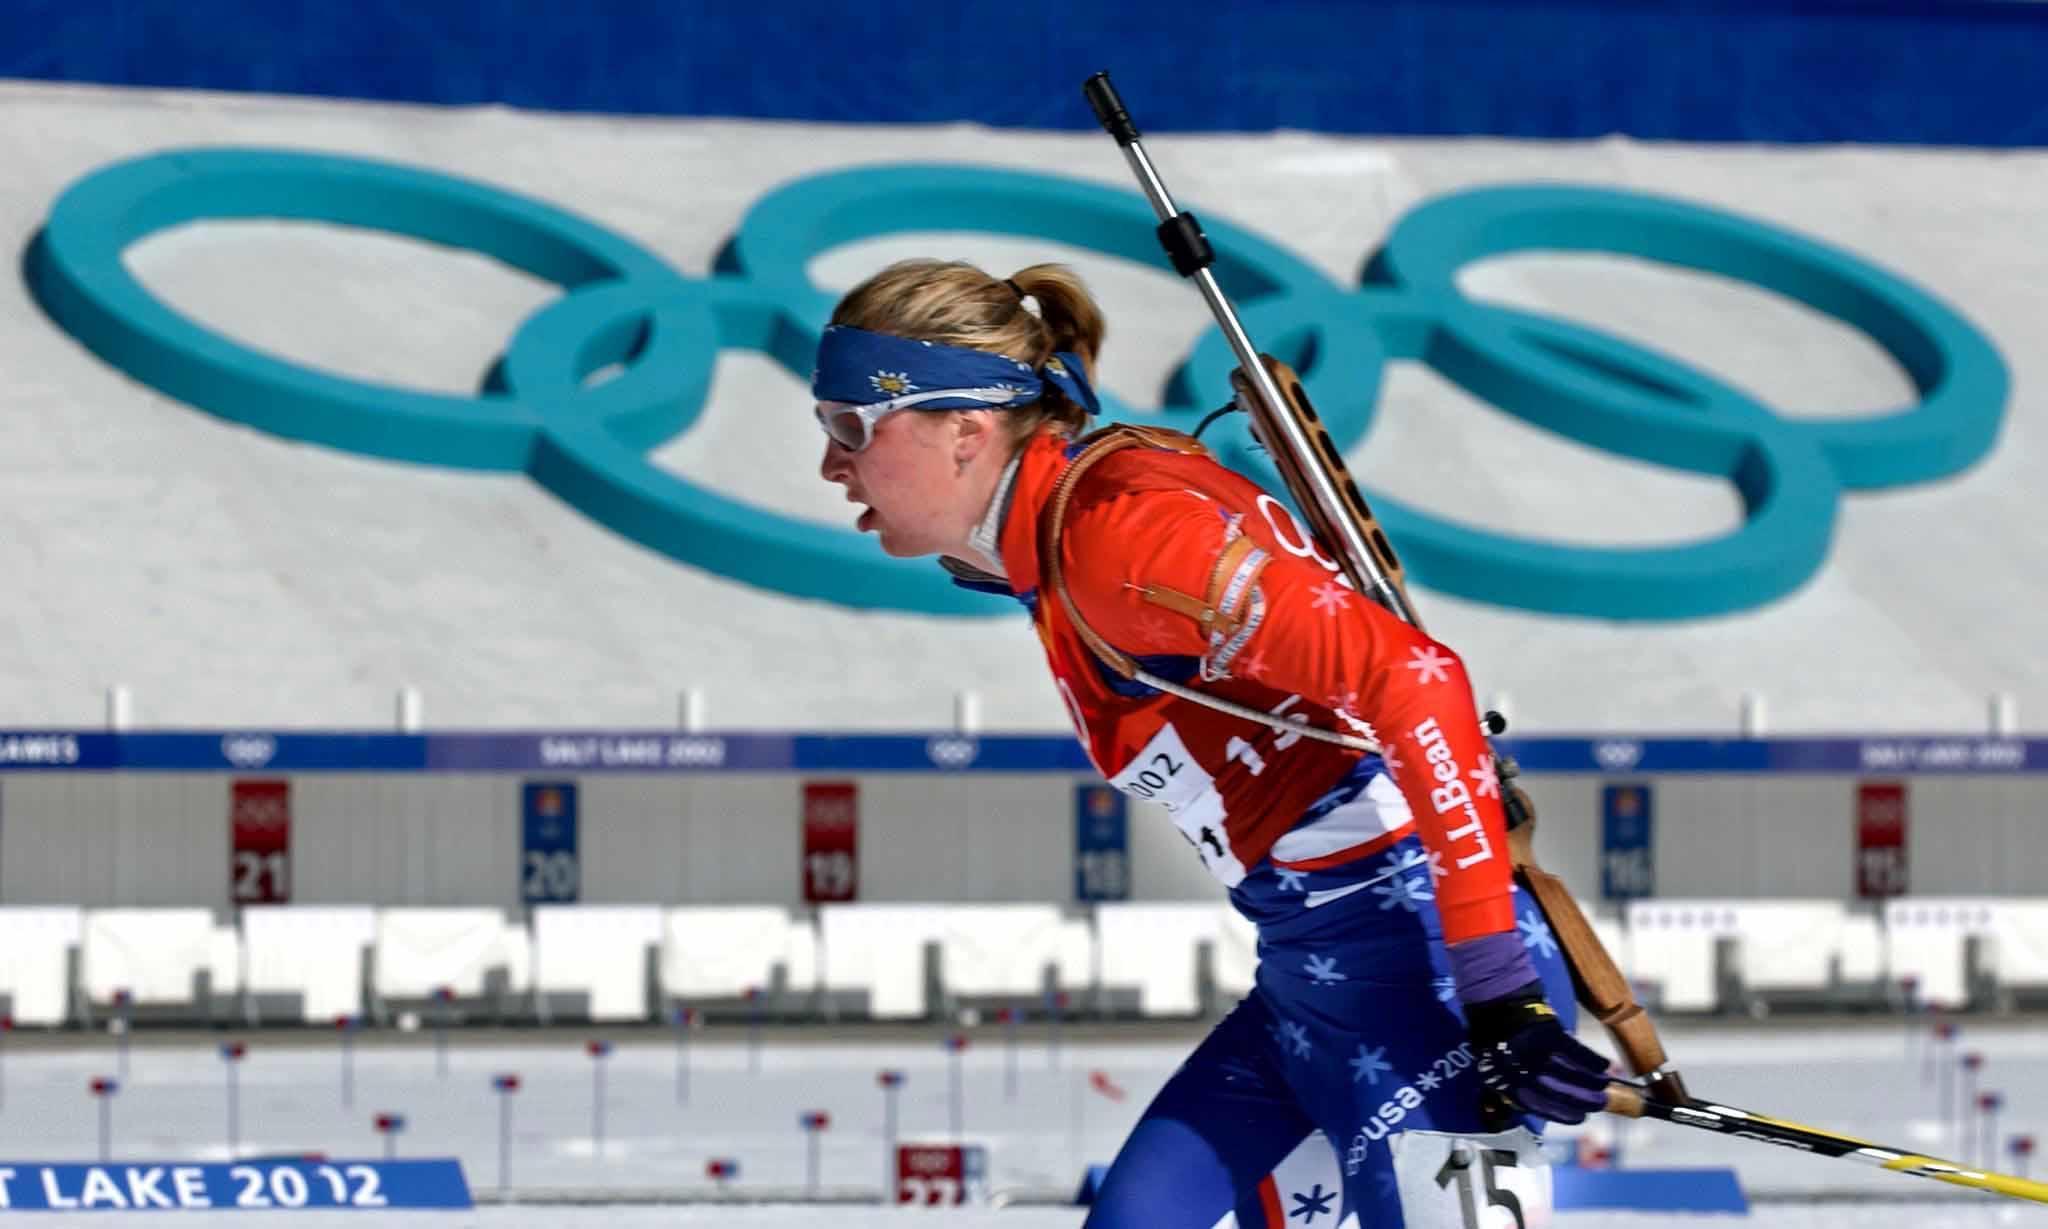 Ropa personalizada - Andrea Nahrgang en las Olimpiadas de invierno 2002 en Salt Lake City.